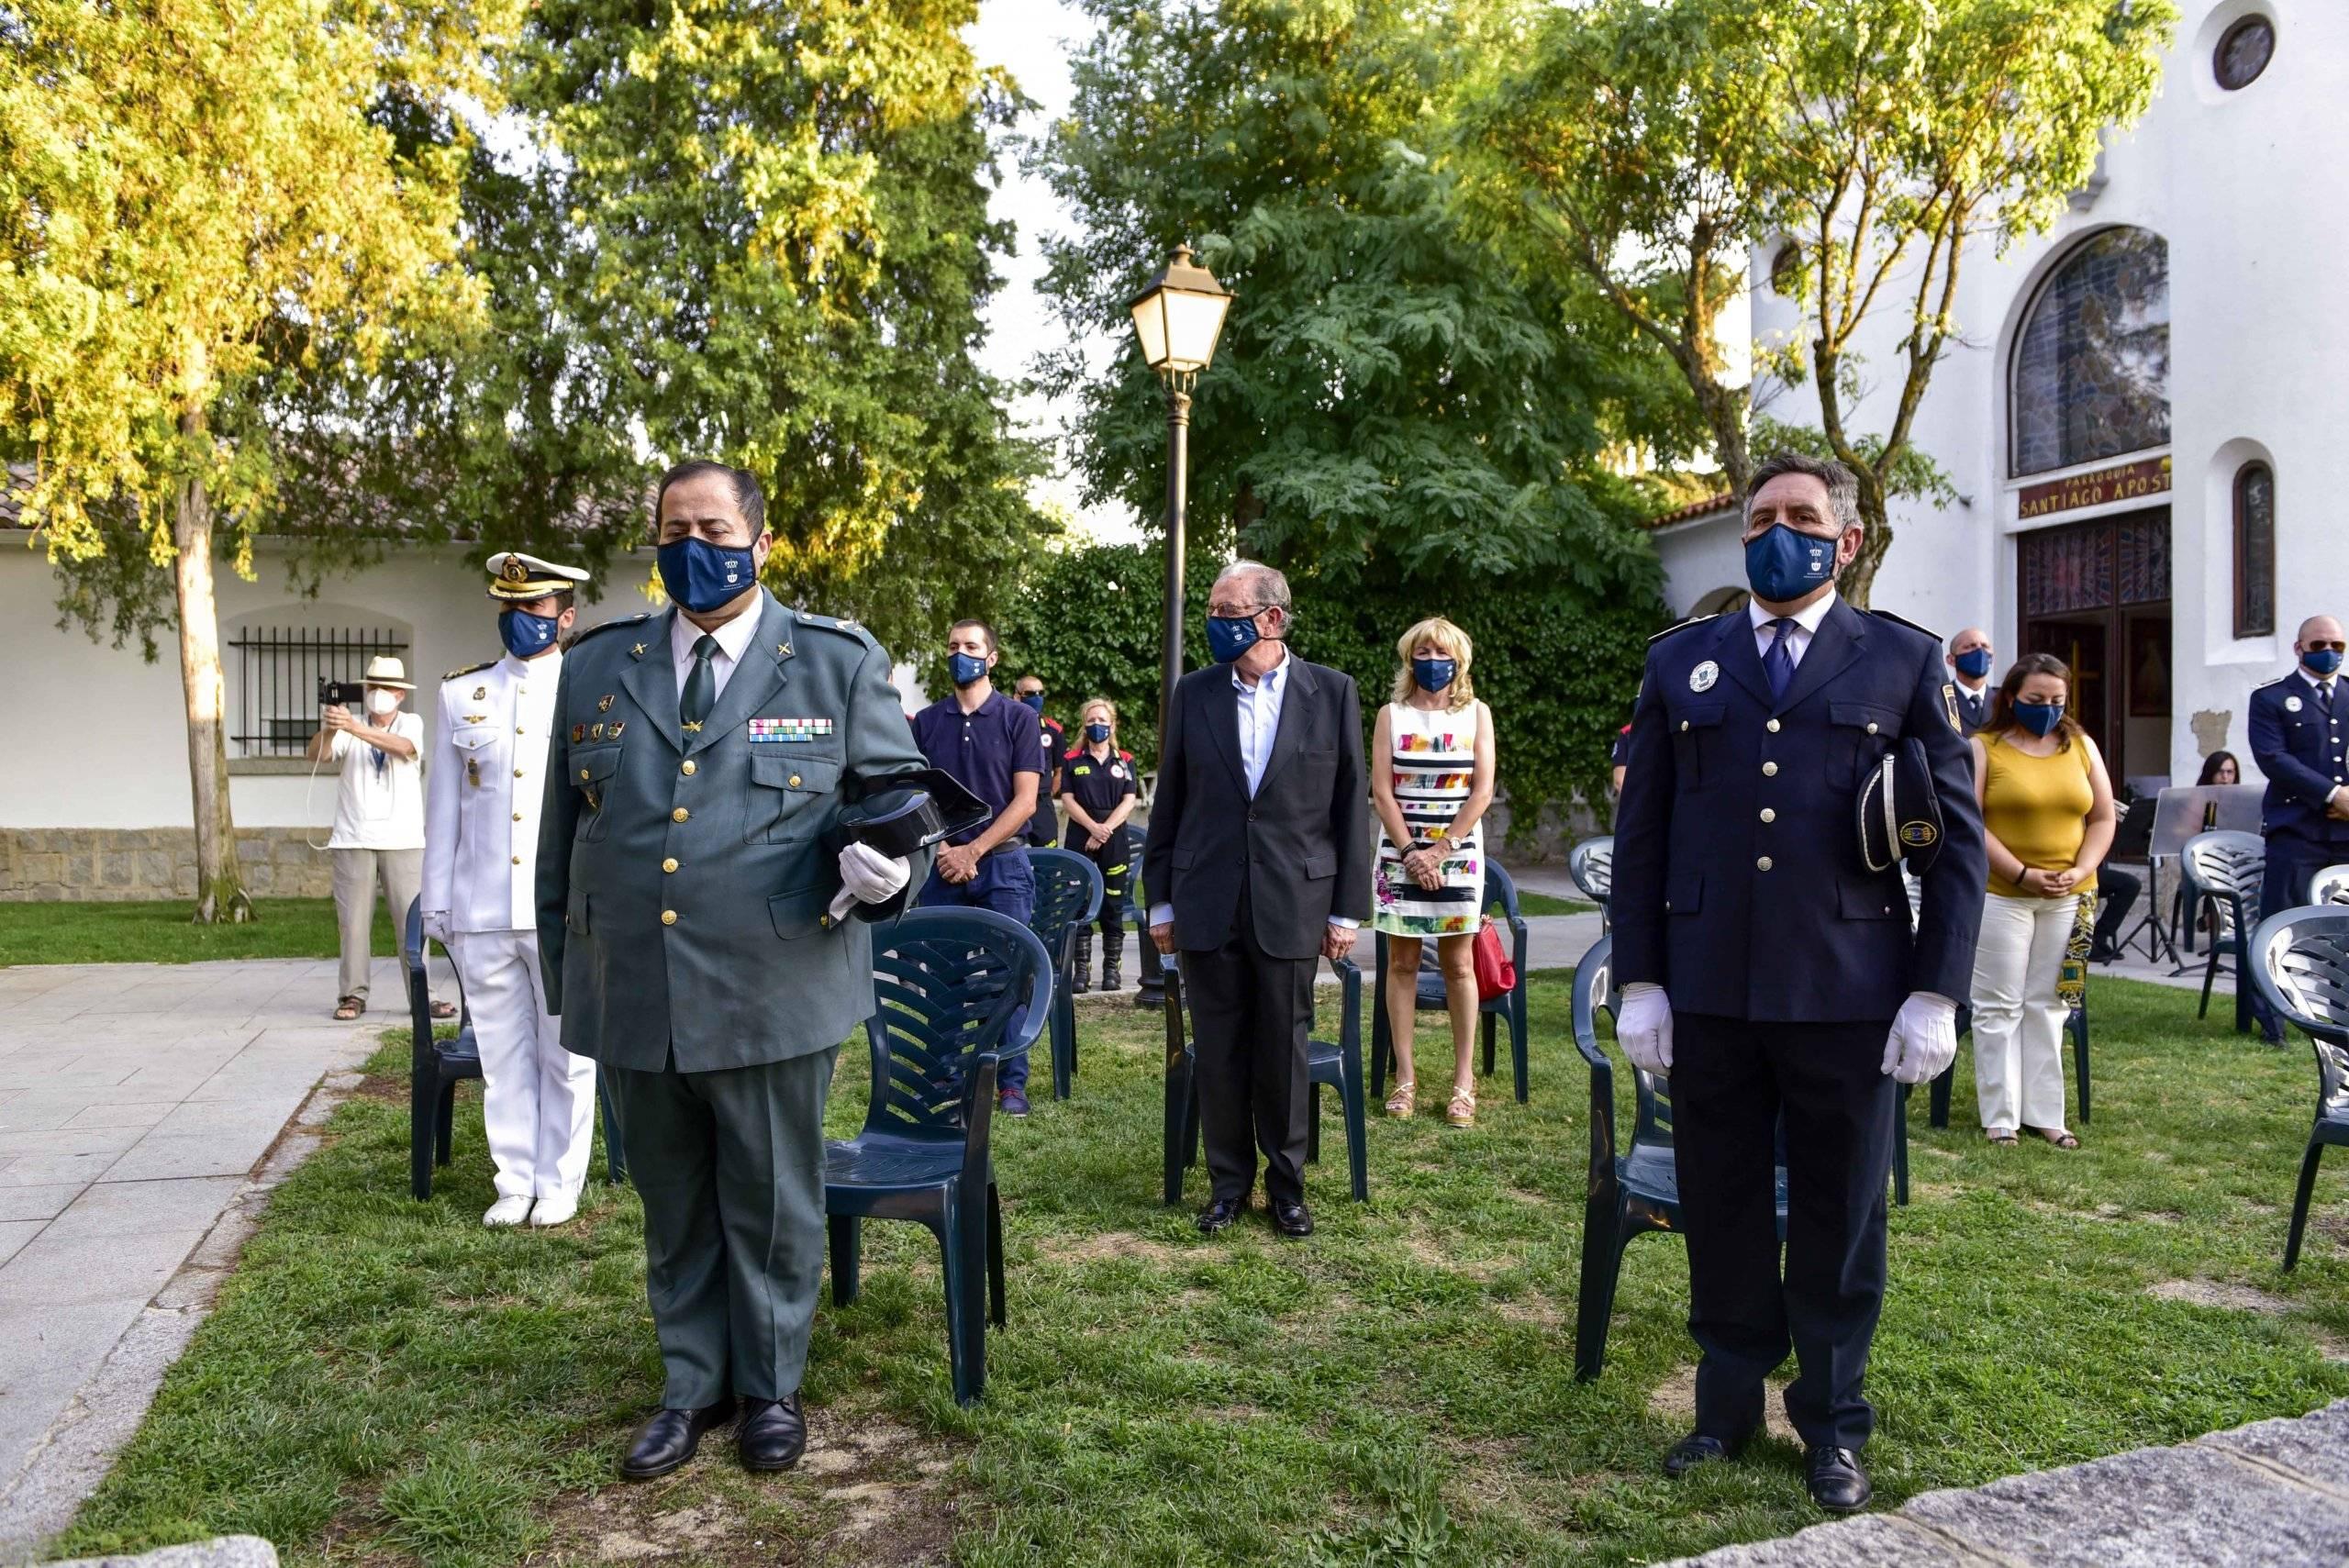 Autoridades locales durante el minuto de silencio en homenaje y recuerdo de las víctimas del coronavirus.